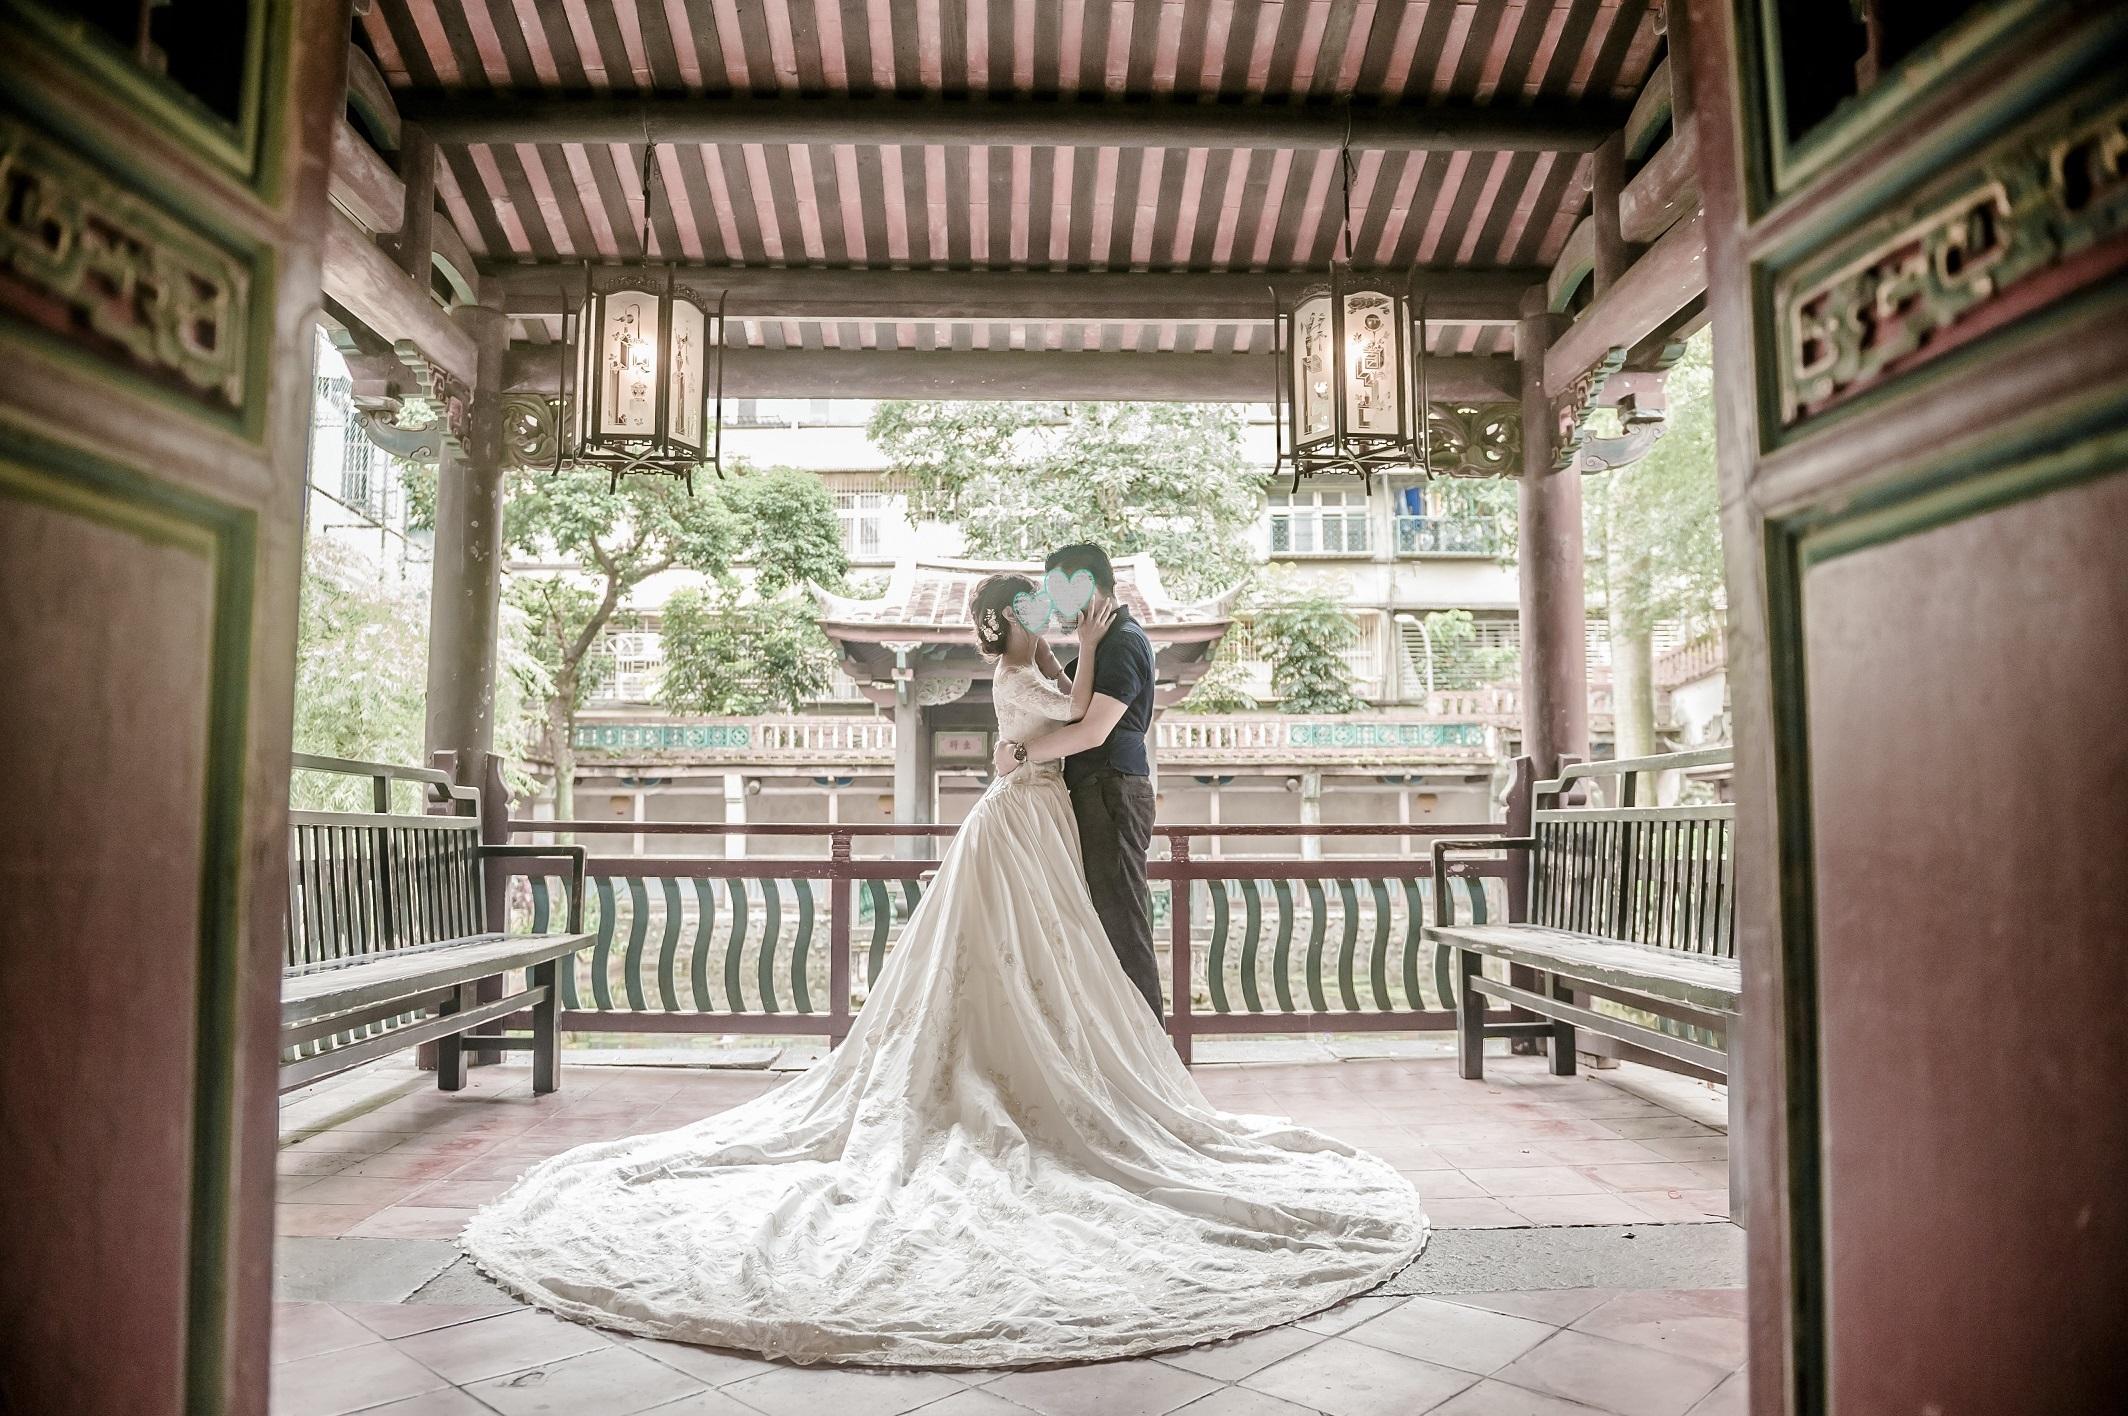 台湾 ウエディングフォト結婚前撮り体験談 その1 お店選び 契約編 さぽぽの台湾人生